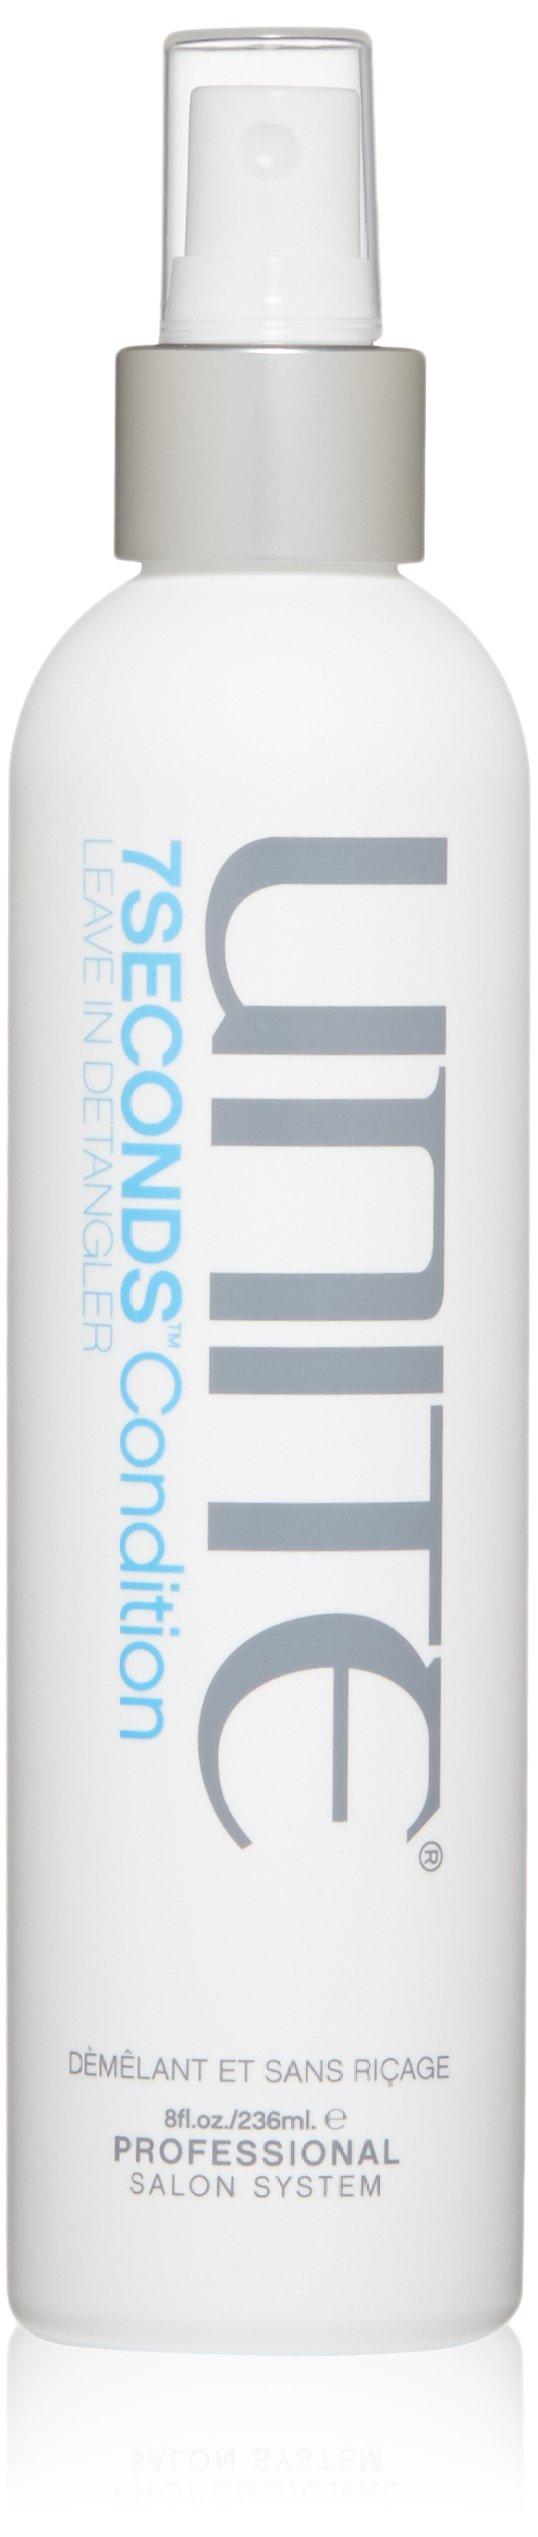 UNITE Hair 7 Seconds Detangler Leave In, 8 fl oz